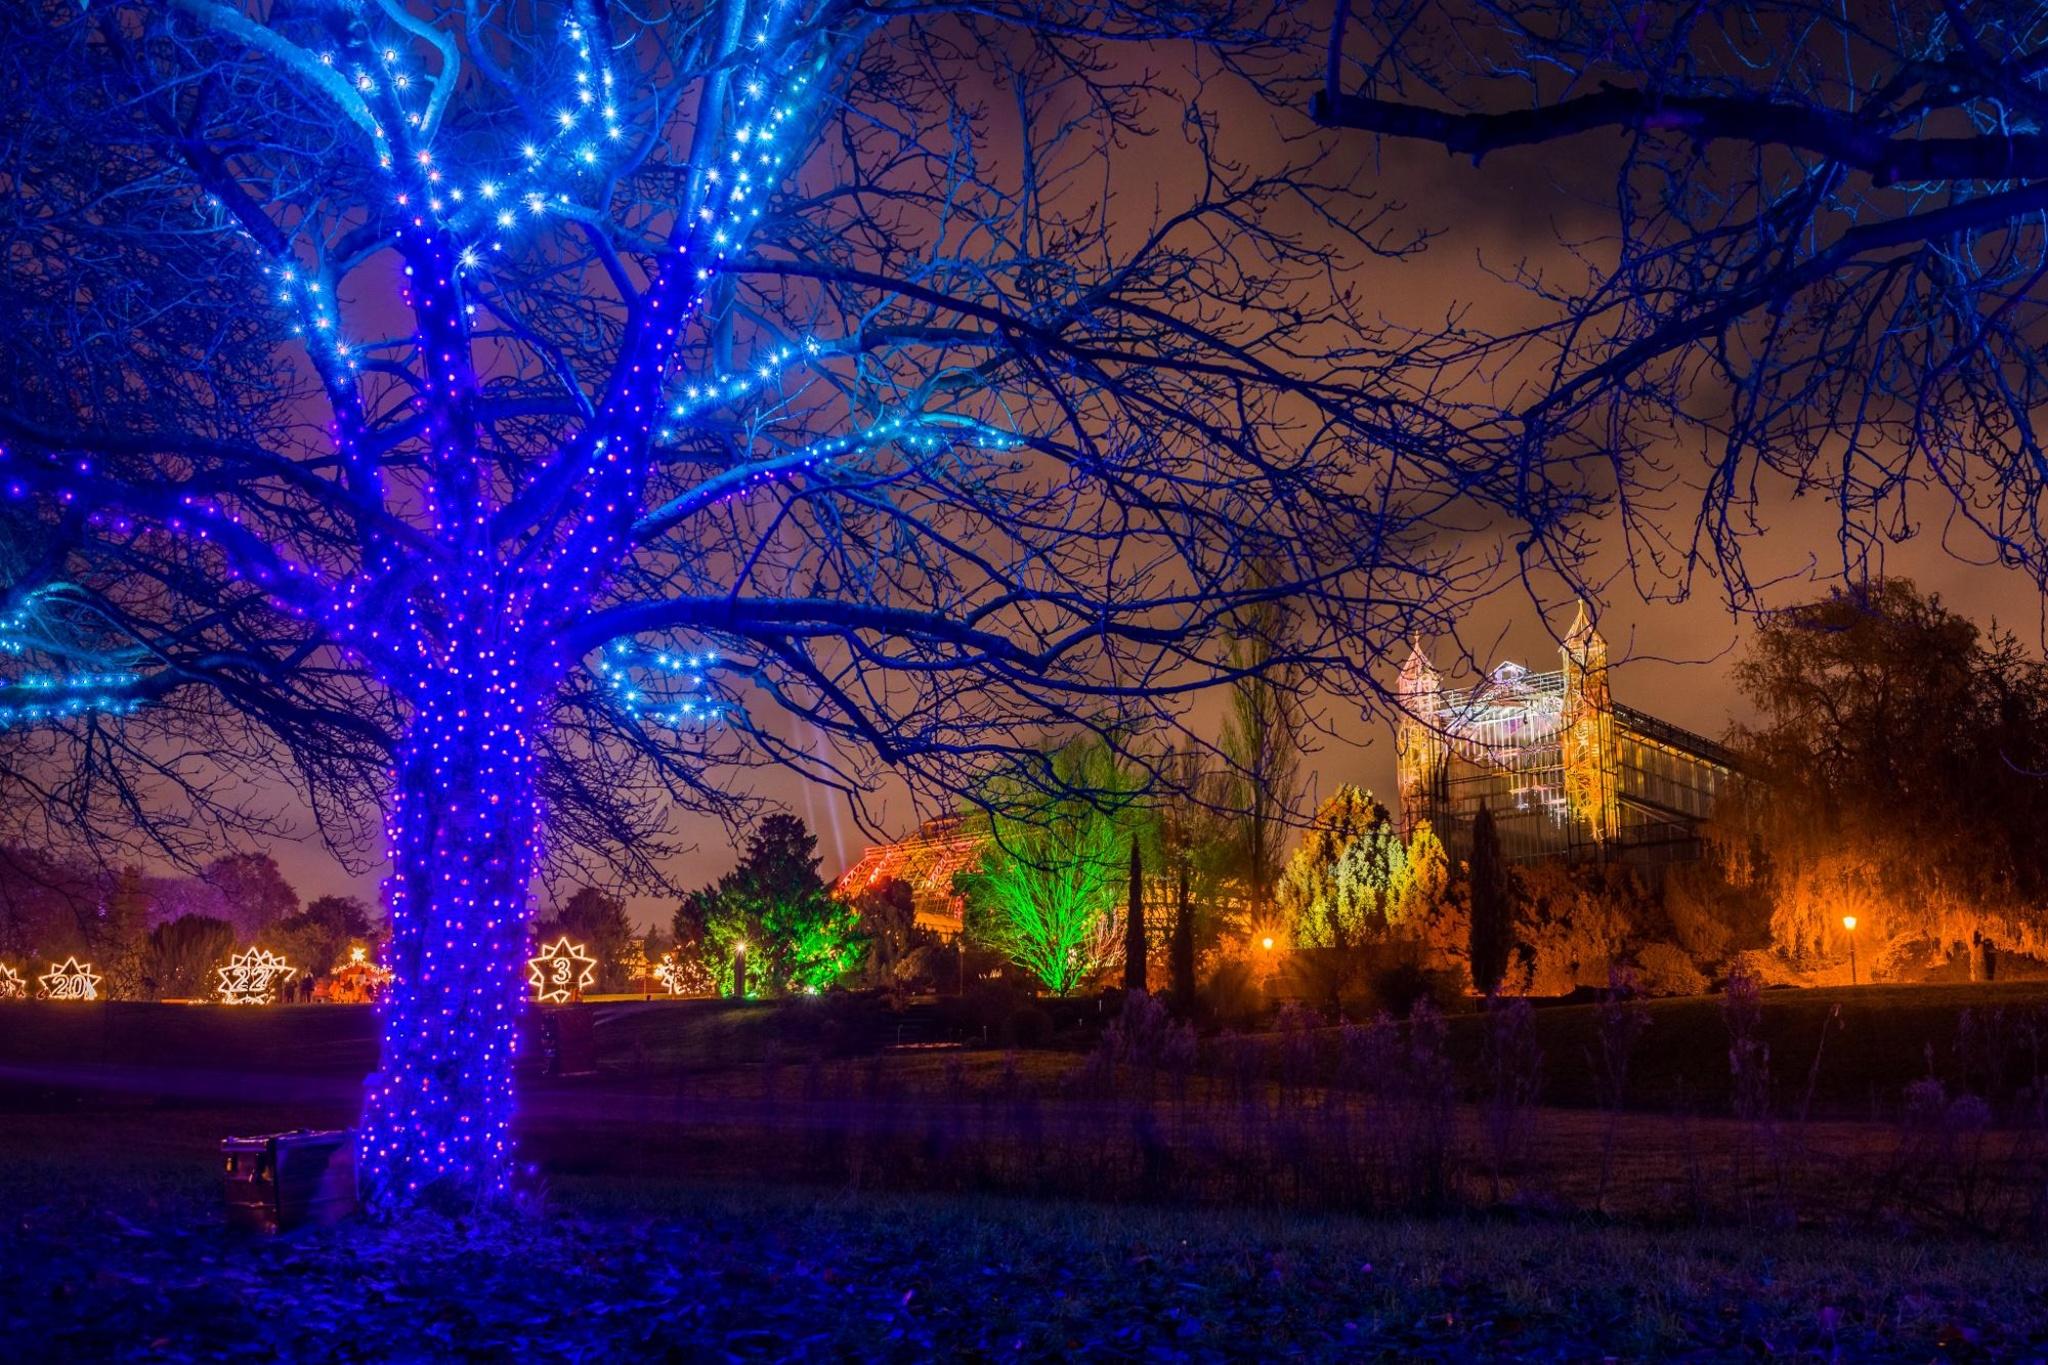 Botanischer Garten Berlin Christmas Garden javichallengeub